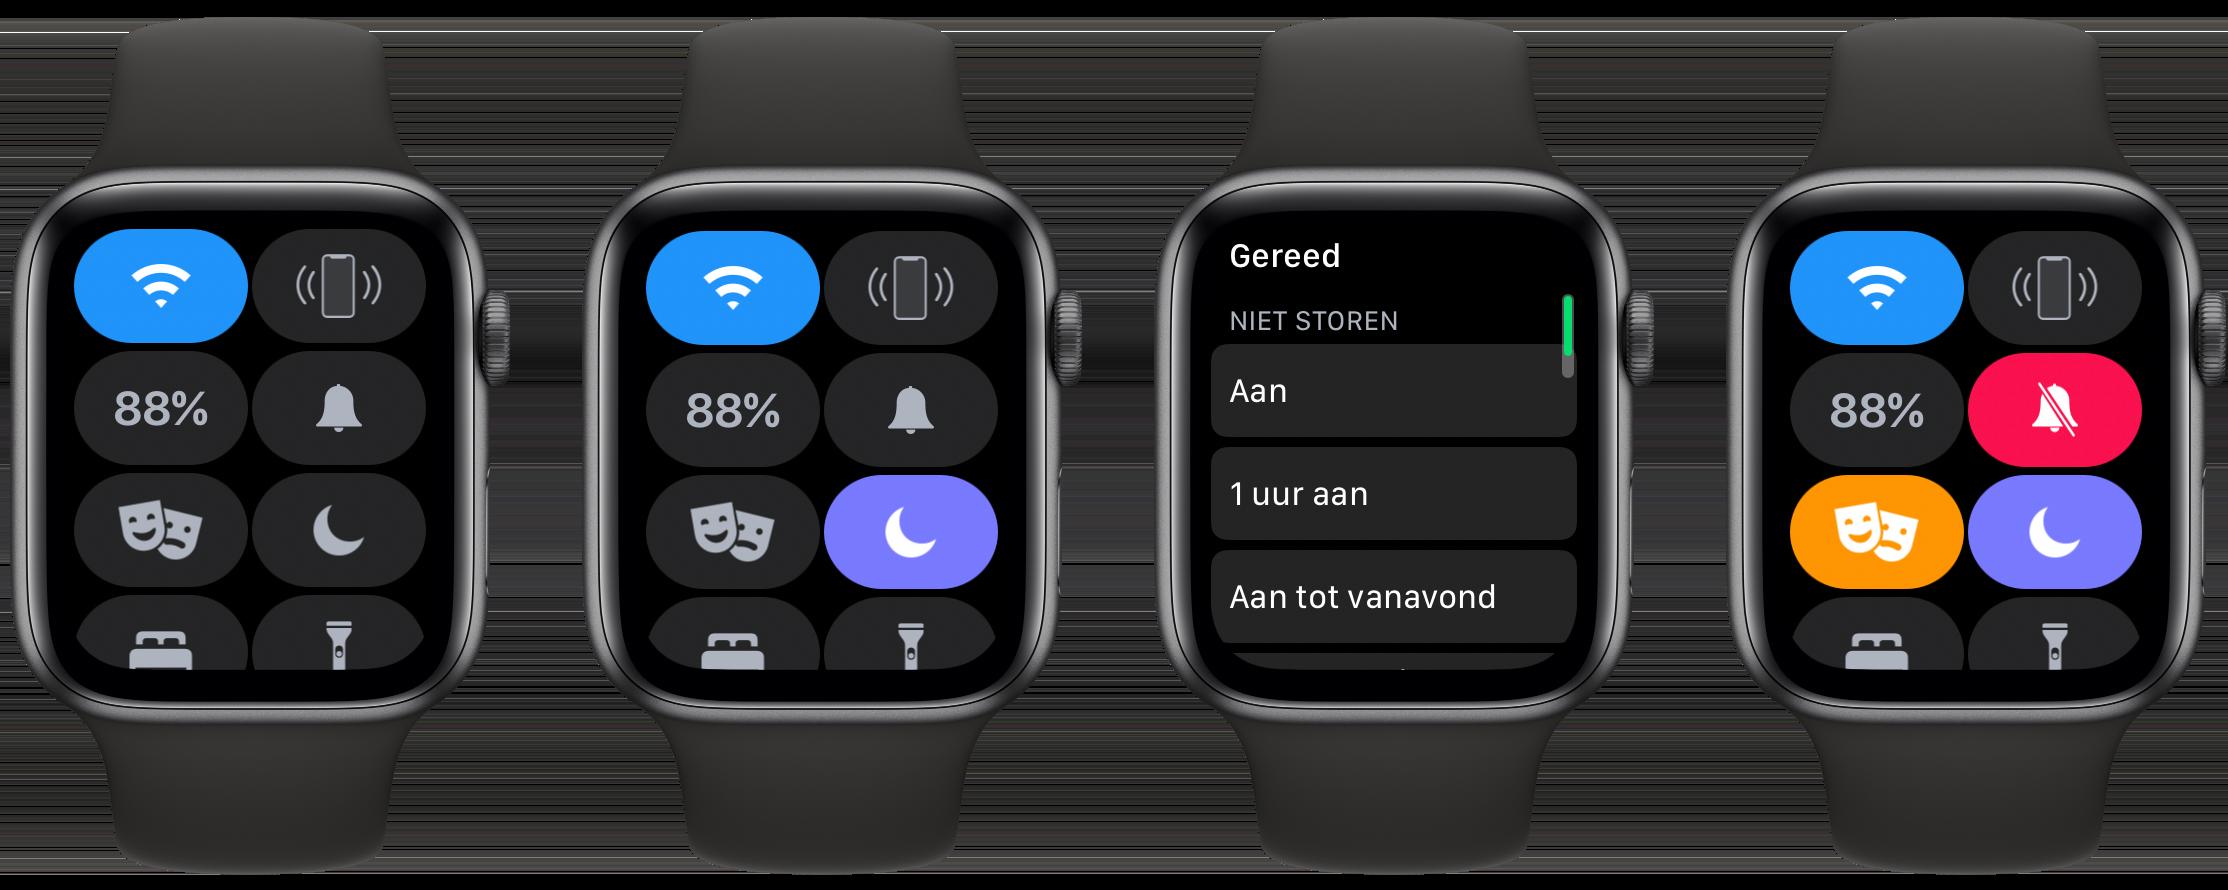 Apple Watch Niet Storen